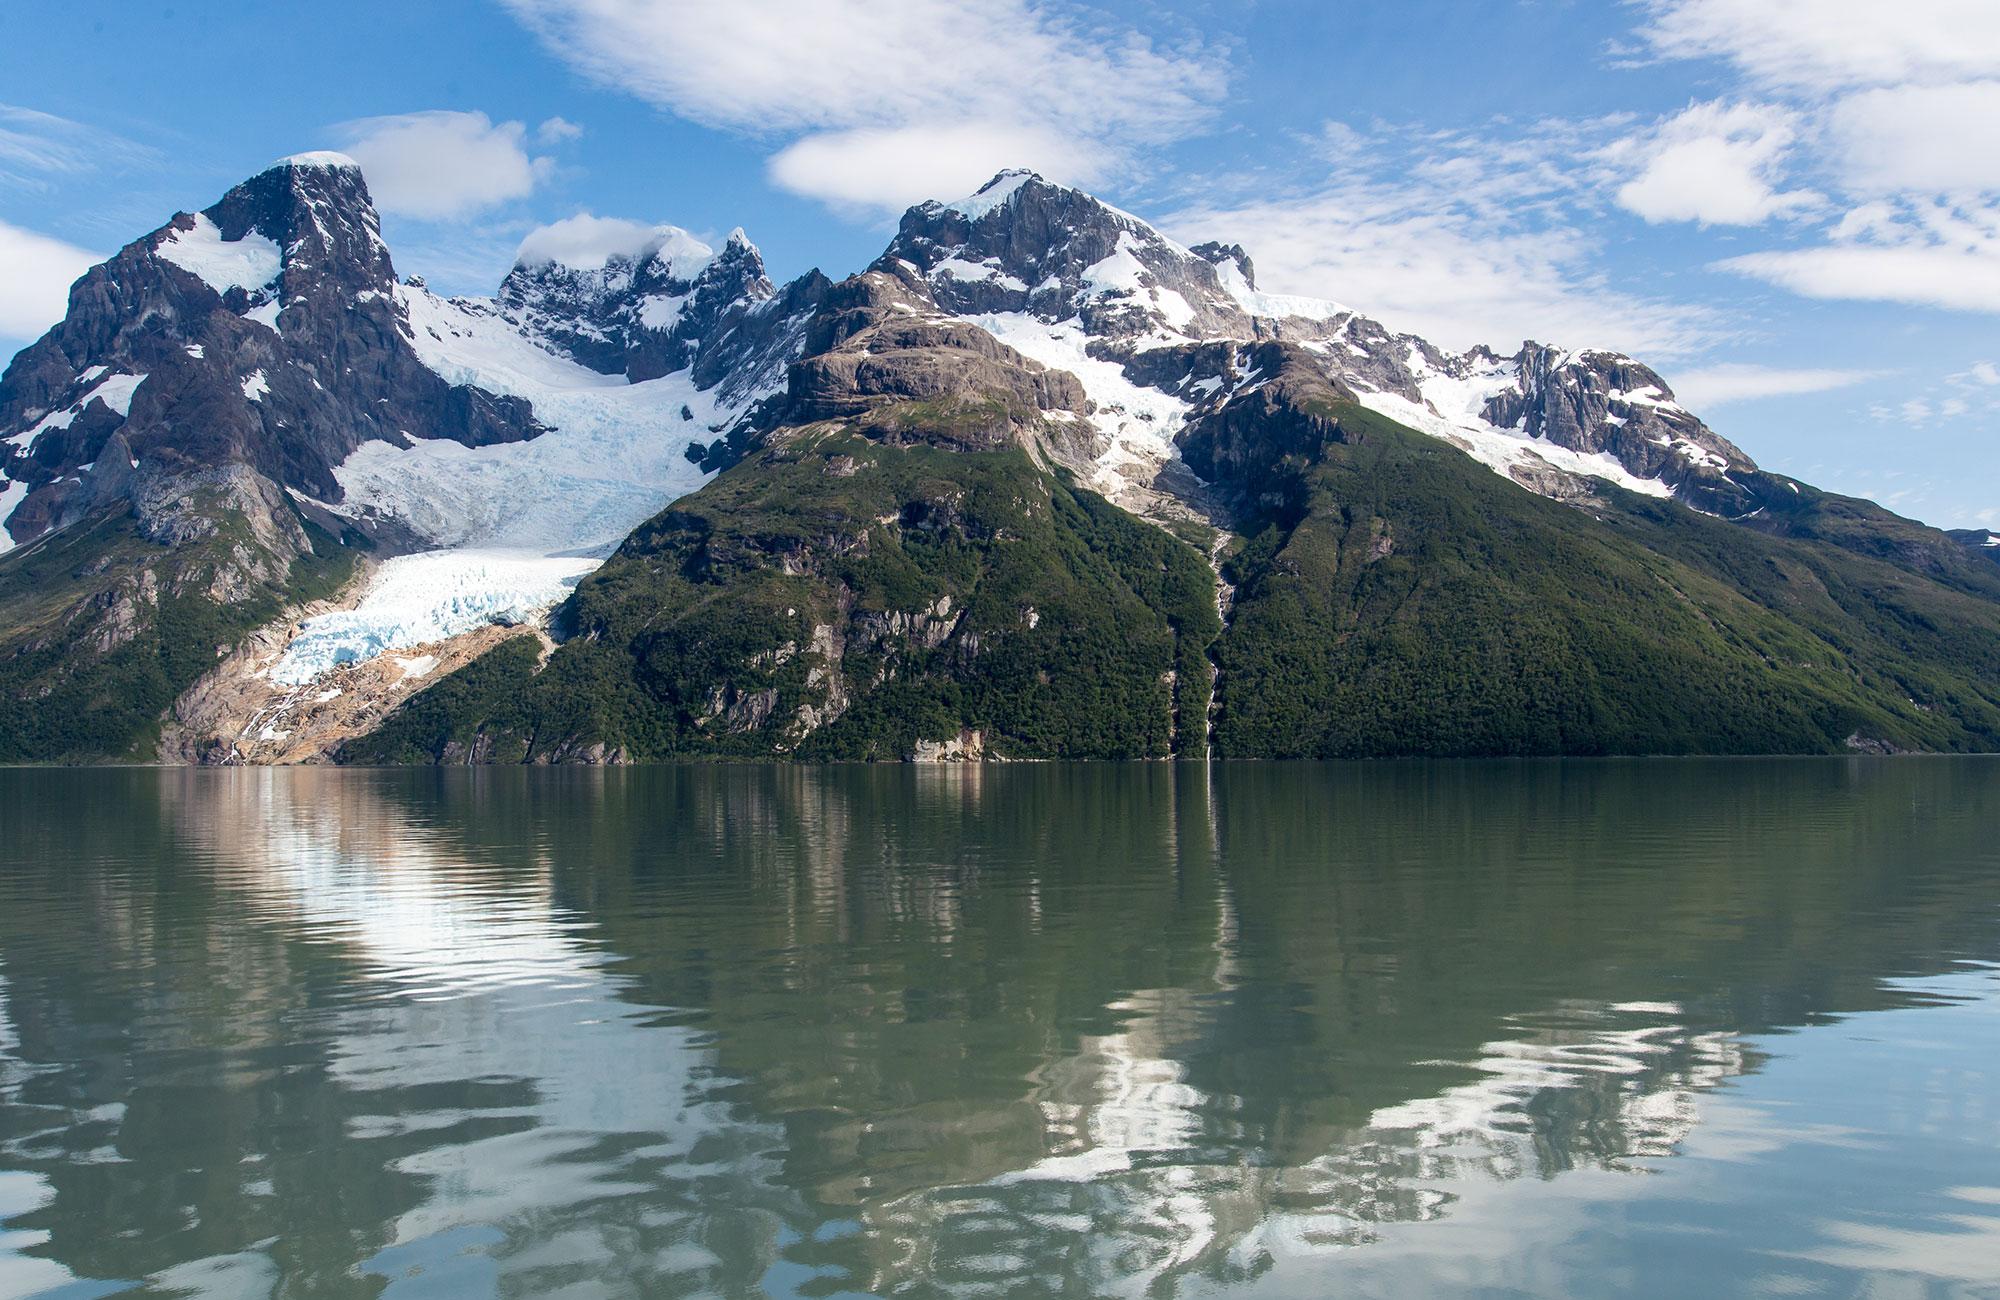 Voyage Chili Patagonie - Glacier Balmaceda - Amplitudes